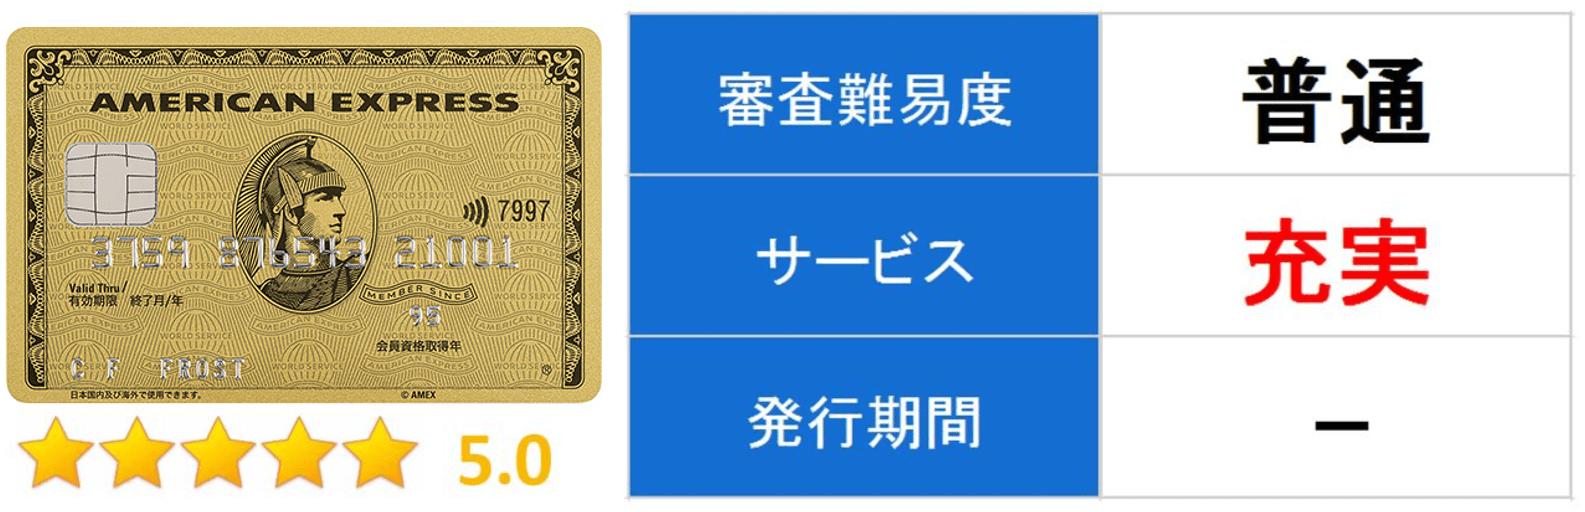 アメリカンエキスプレスゴールドカード メイン